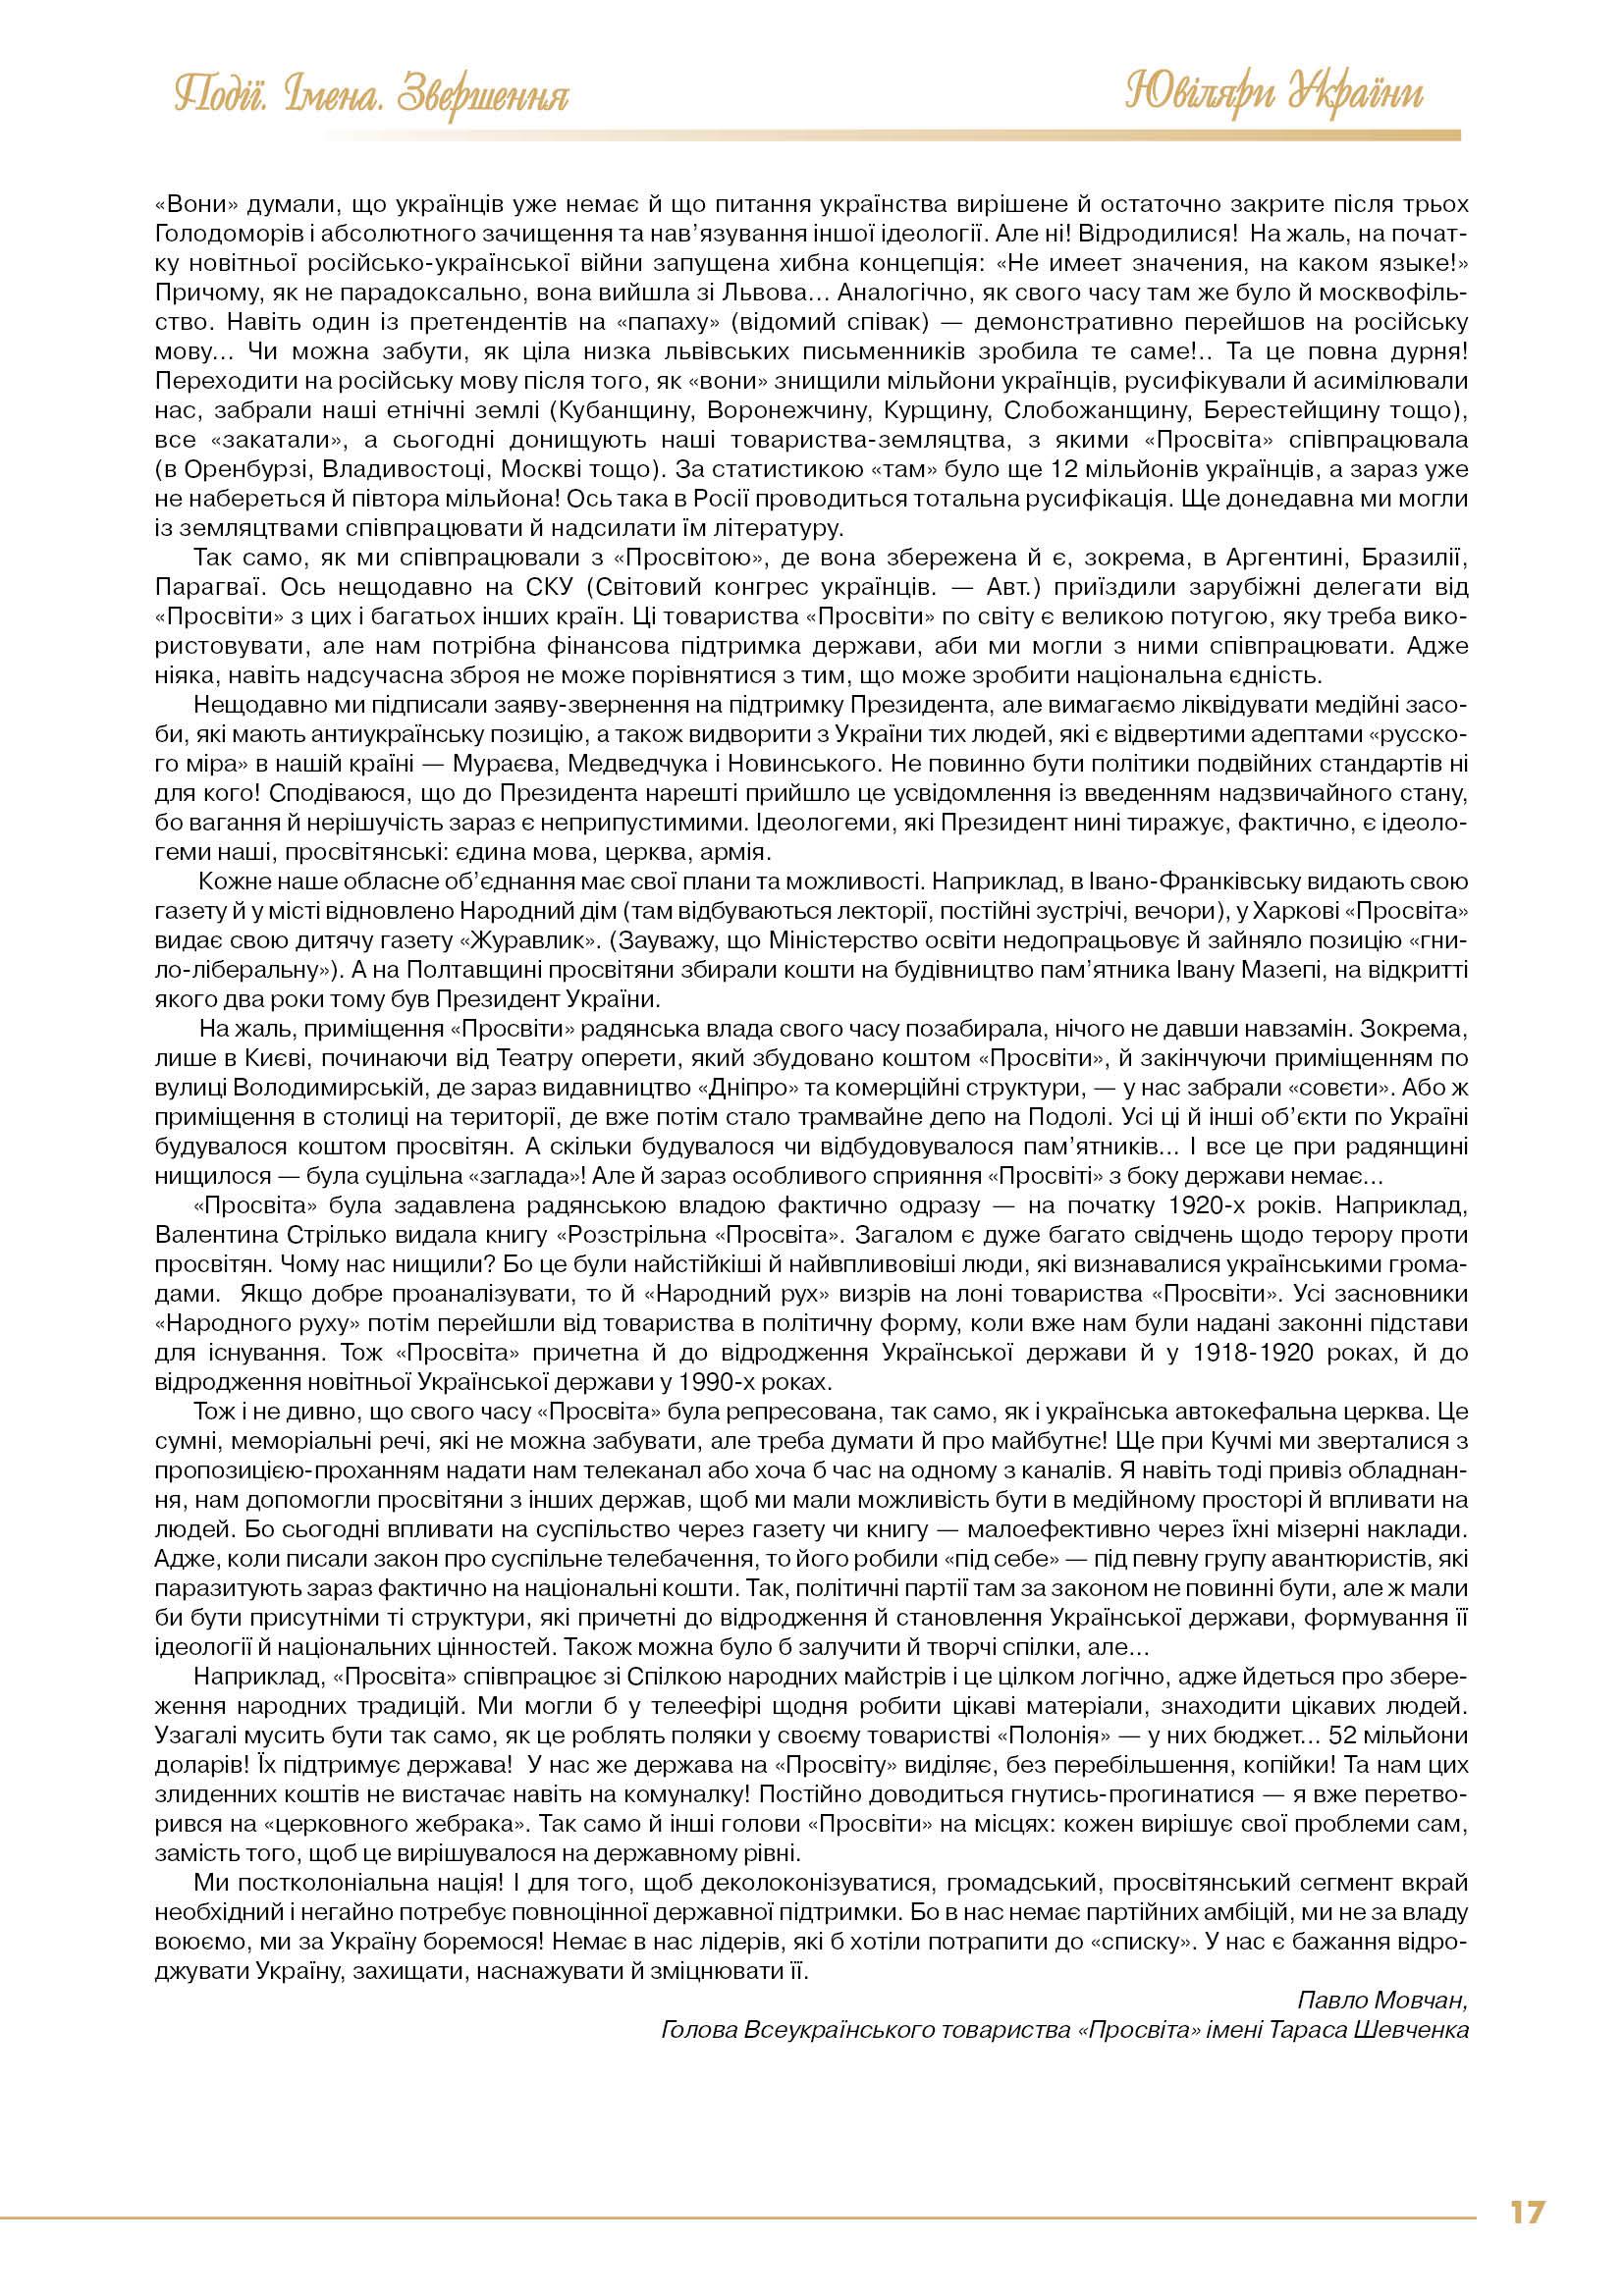 «Ближче до люду» -  Павло Мовчан,  Голова Всеукраїнського товариства «Просвіта» імені Тараса Шевченка